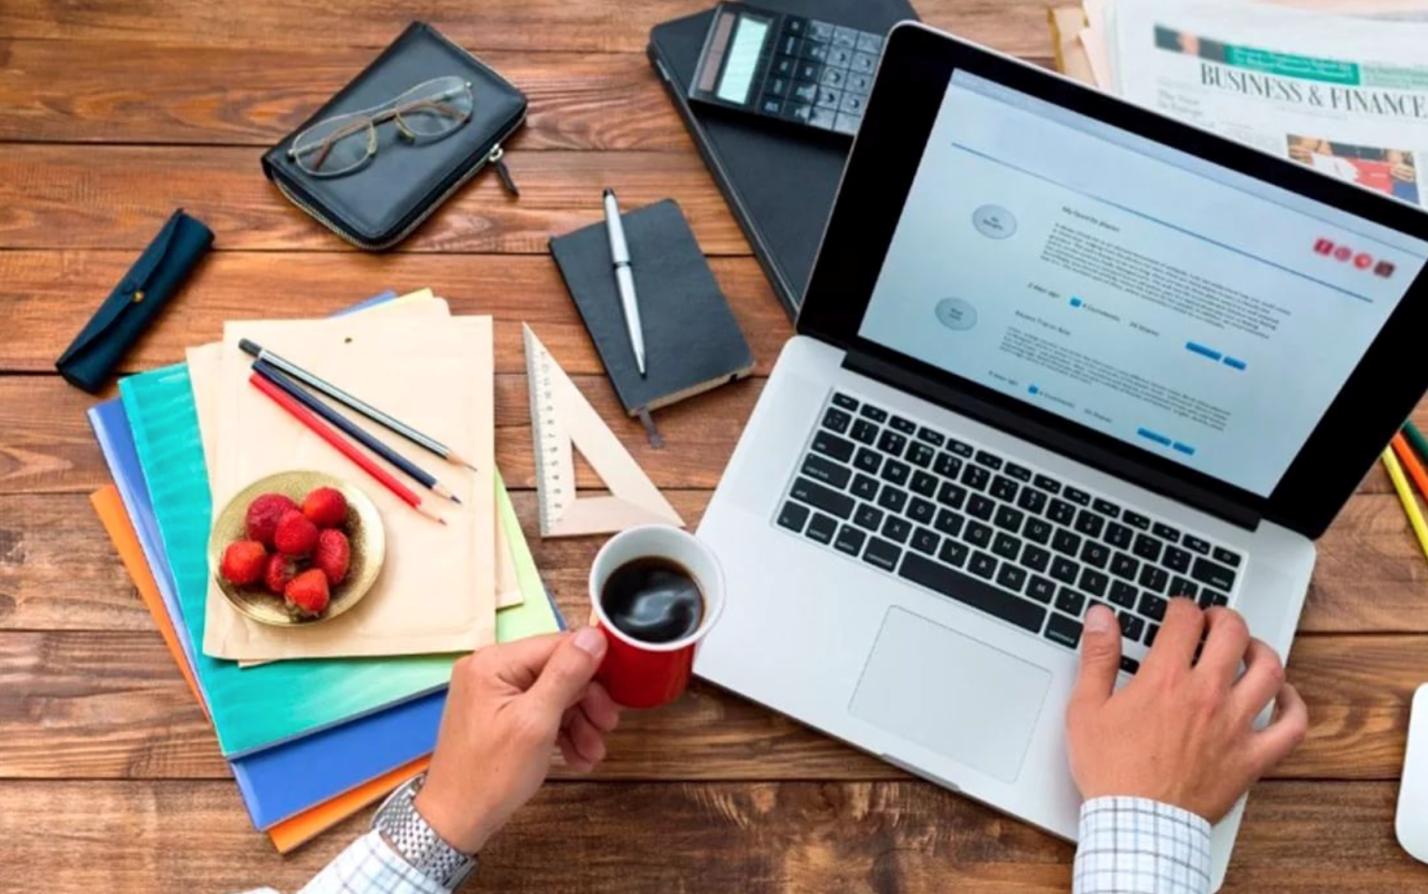 блоггинг - способ заработать в интернете 1000 рублей в день